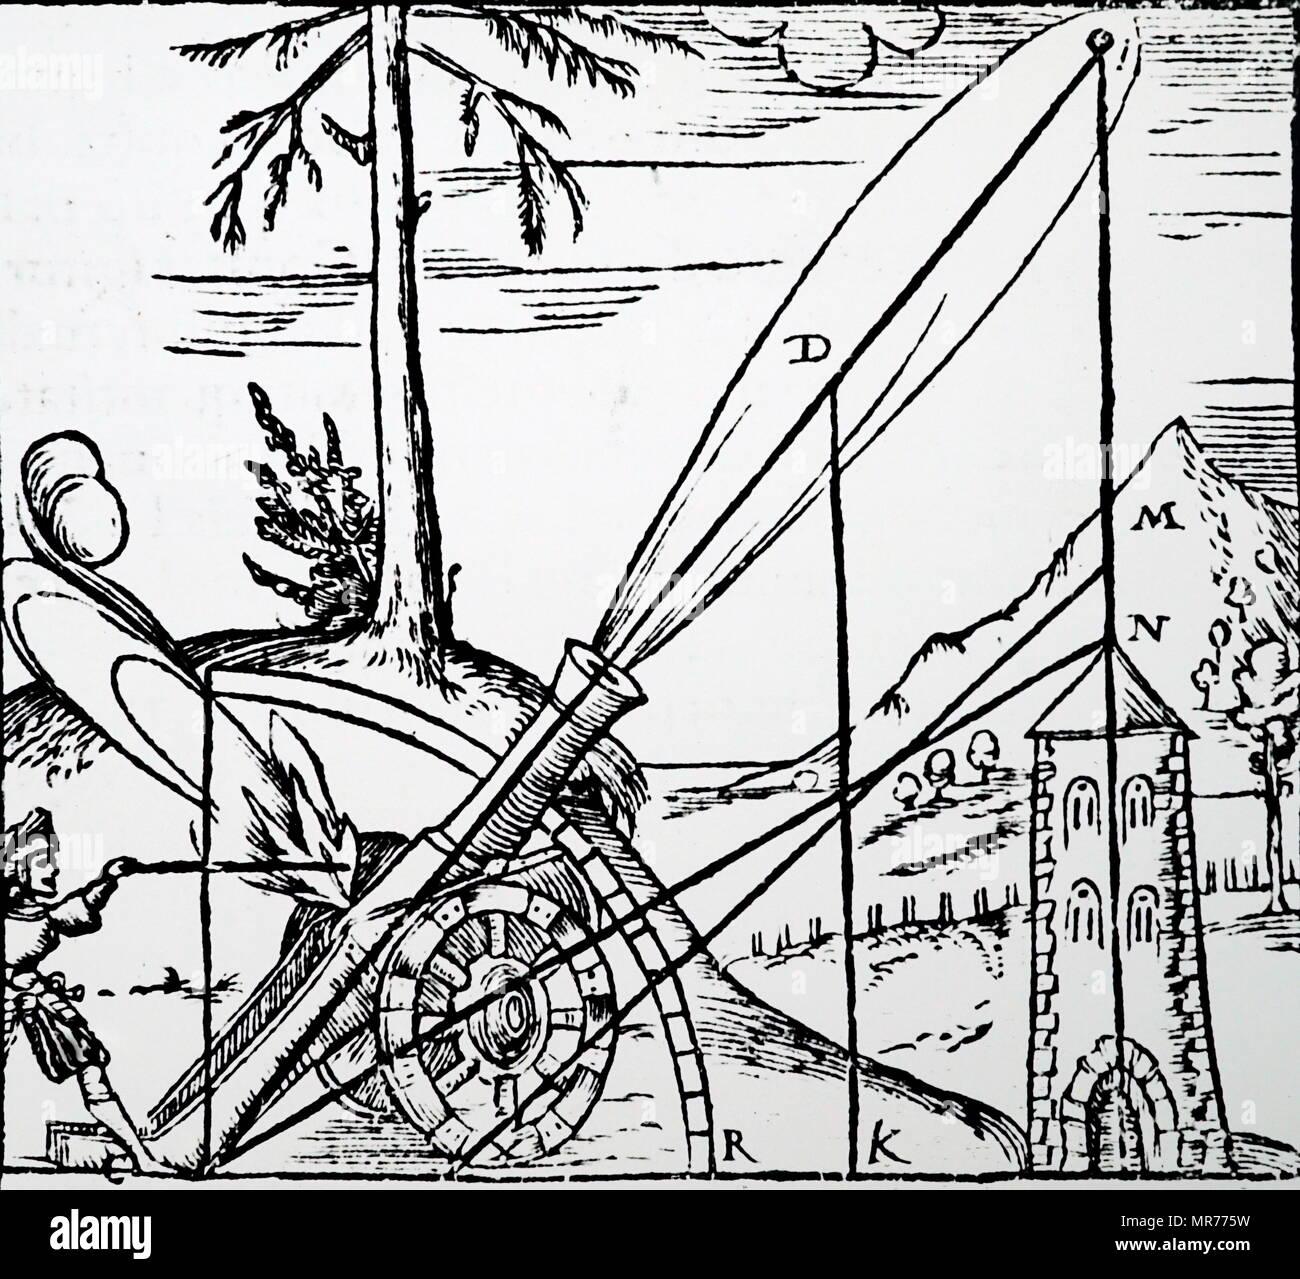 Ilustración del concepto Aristotélico de la trayectoria de un proyectil. Aristóteles (384 BC-322 BC) un antiguo filósofo y científico griego. Fecha del siglo XVI. Imagen De Stock